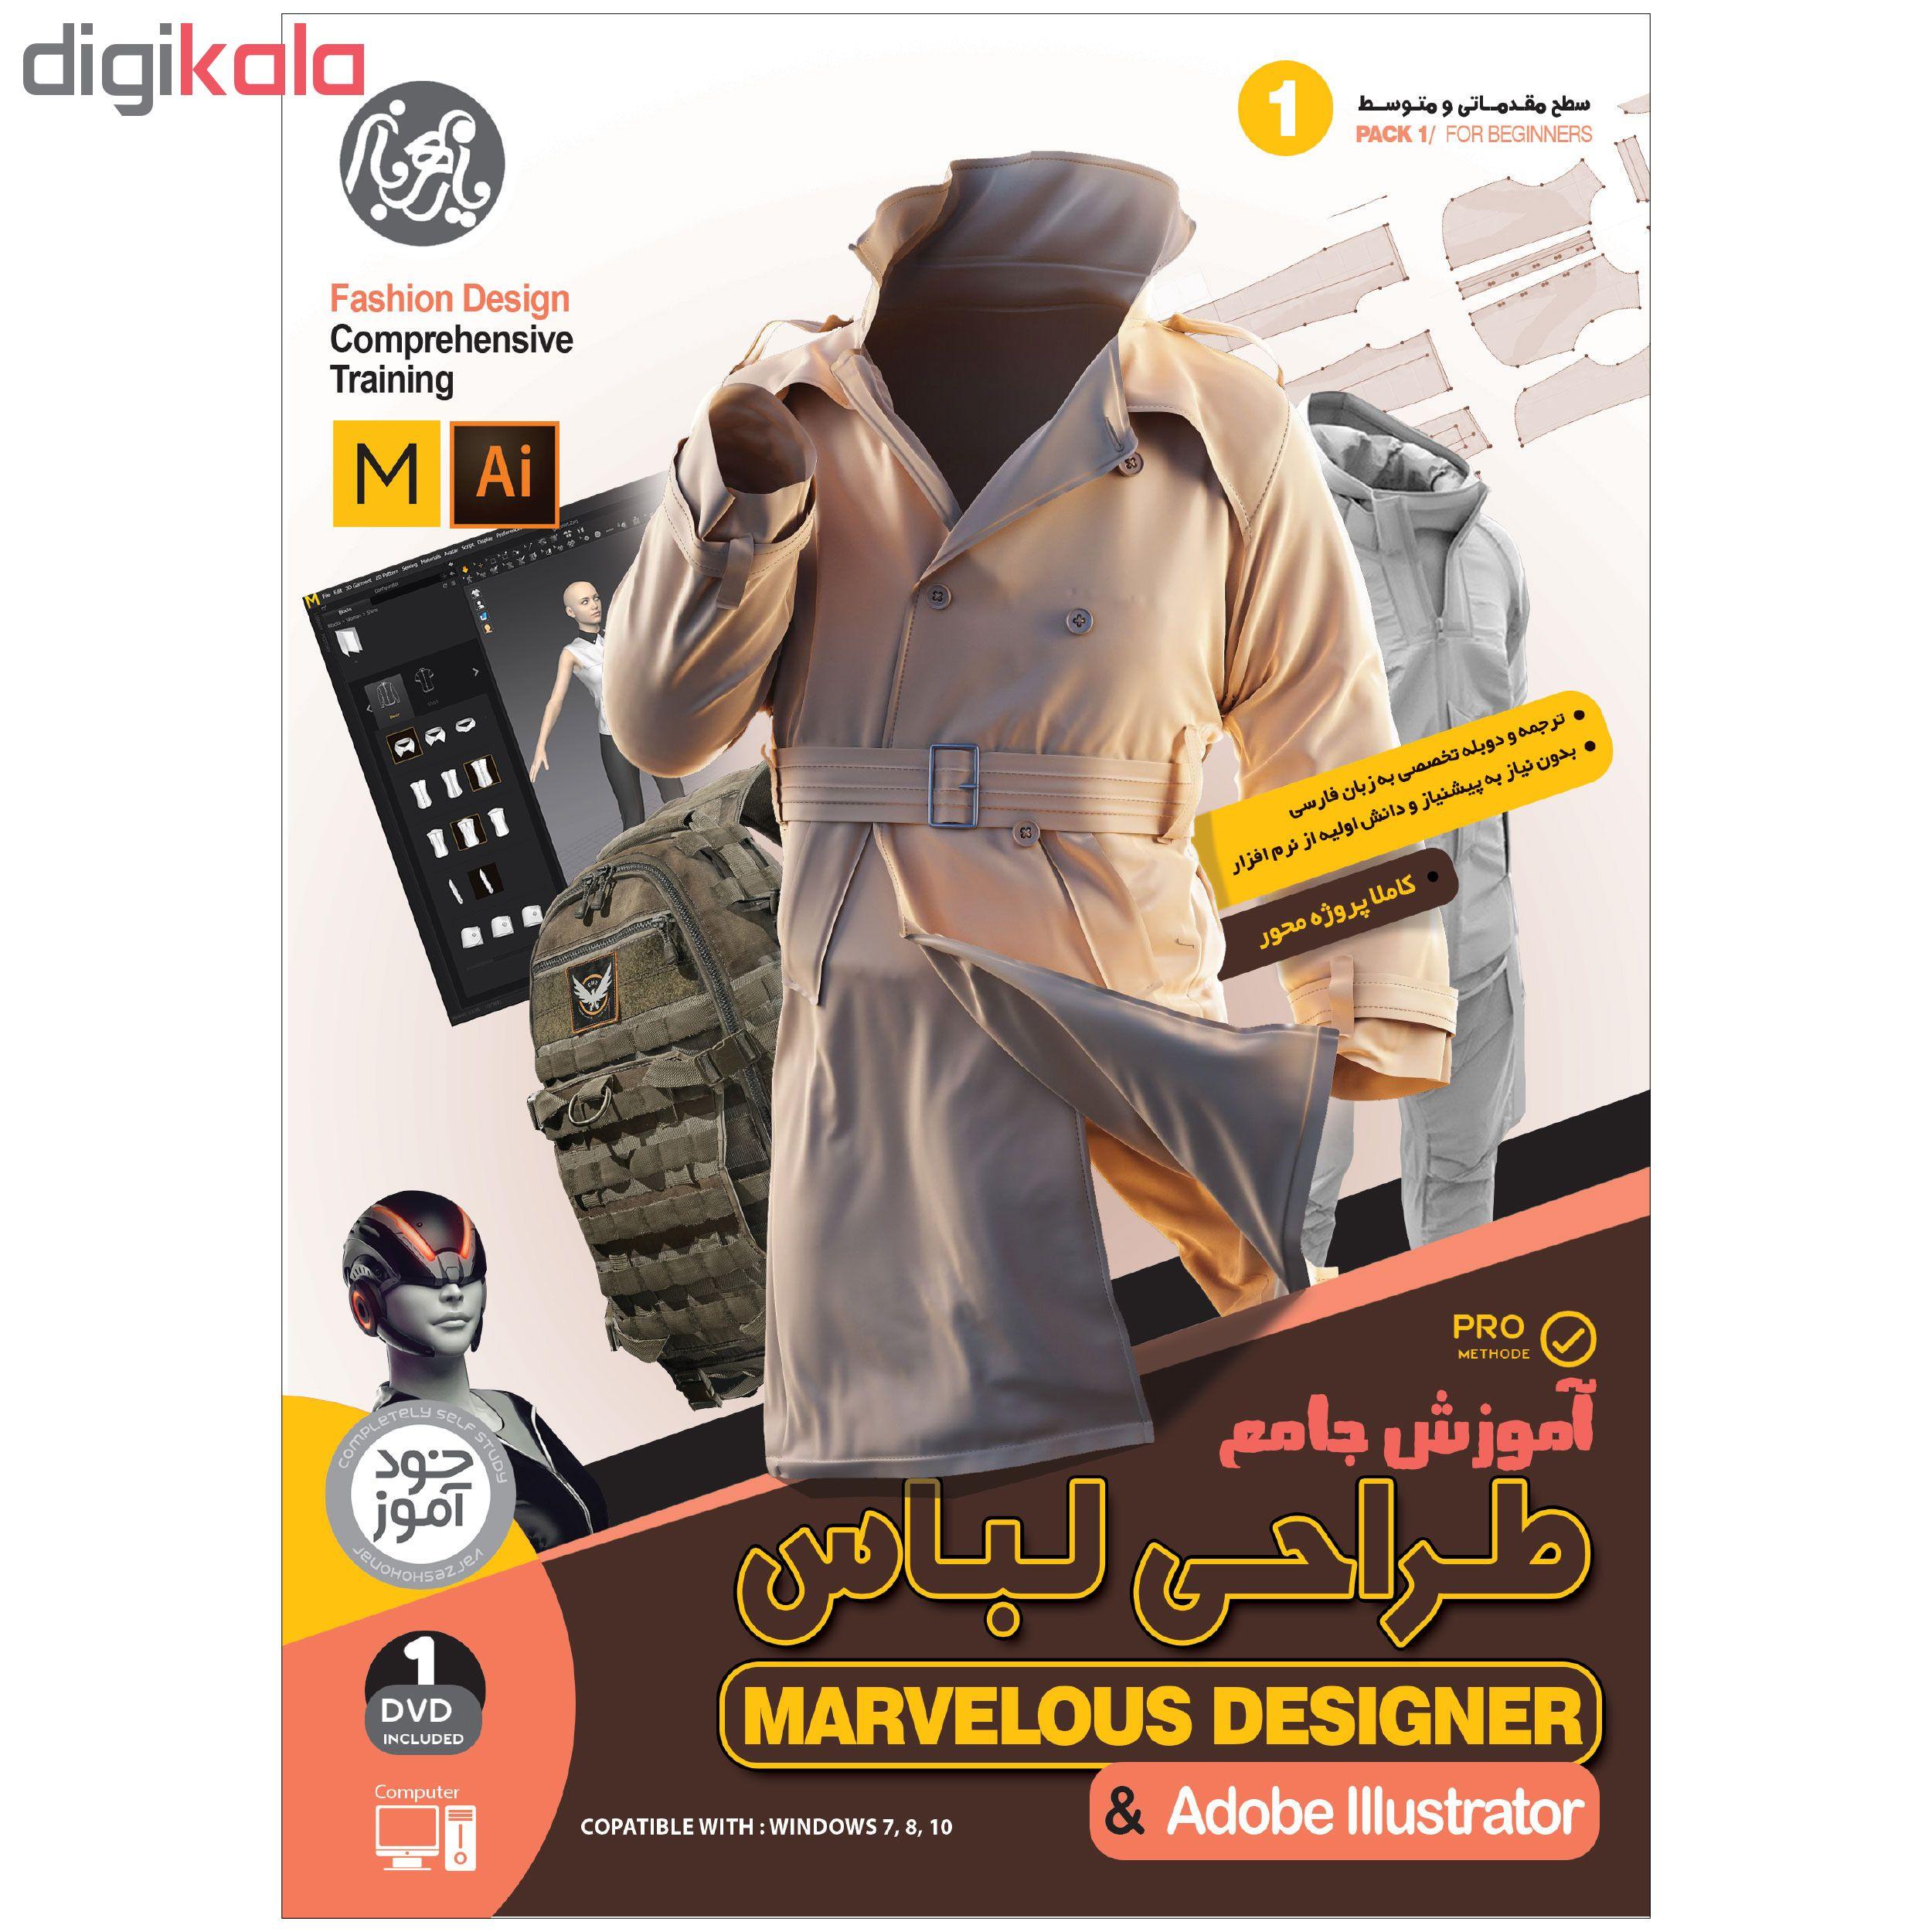 نرم افزار آموزش جامع طراحی لباس با Marvelous Designer و Illustrator نشر یارمهربان